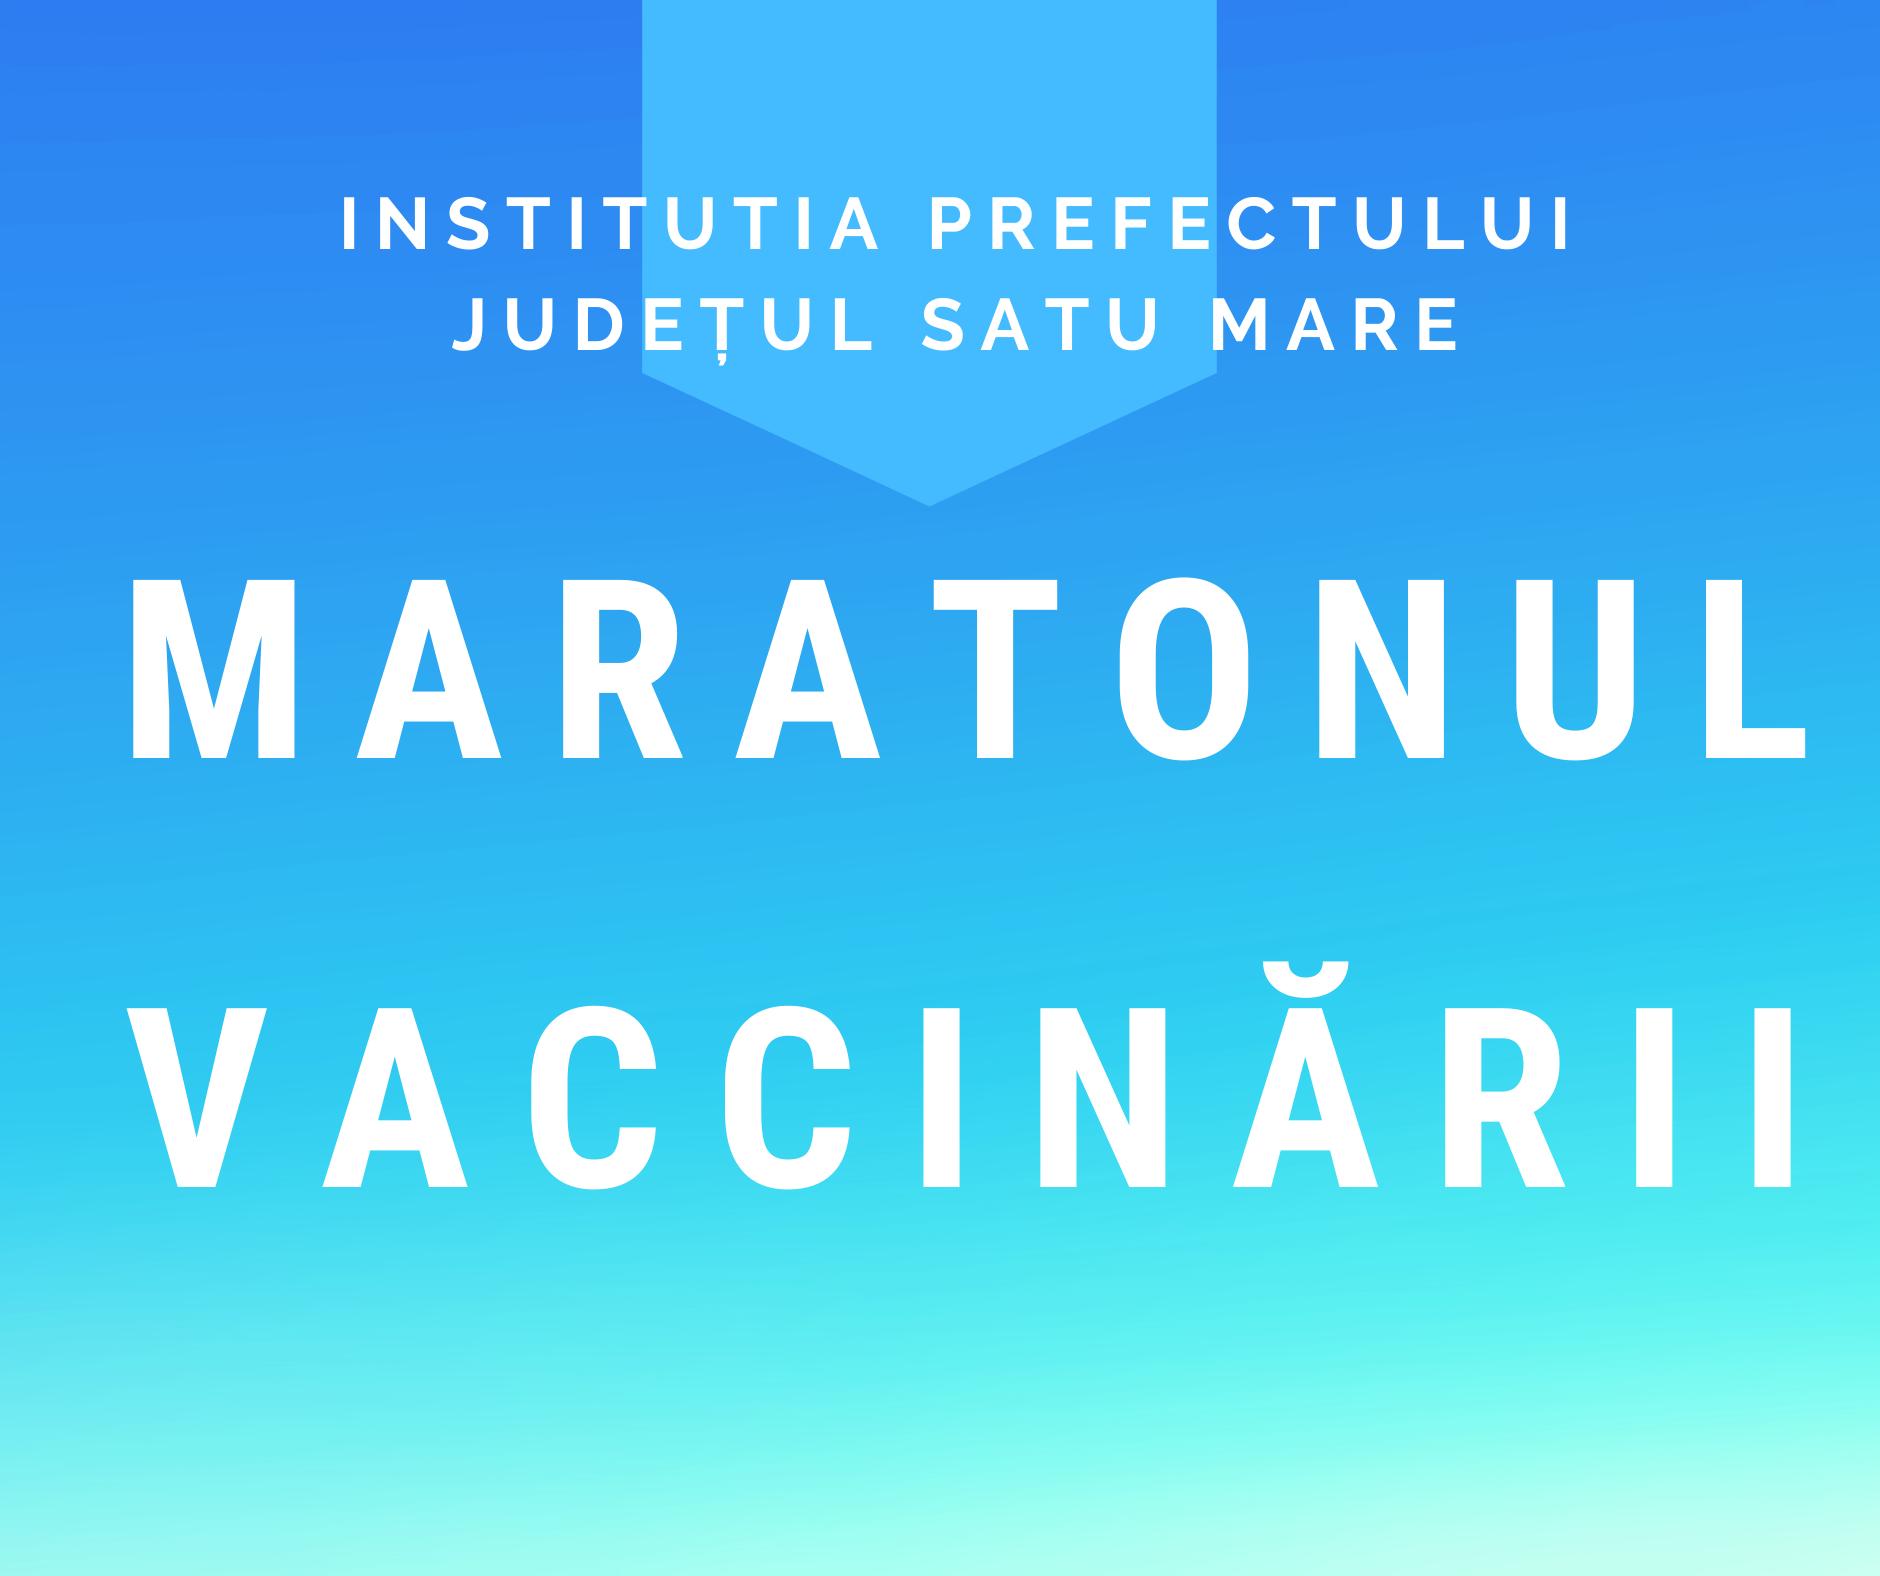 Maraton de vaccinare in parcarea mall-ului